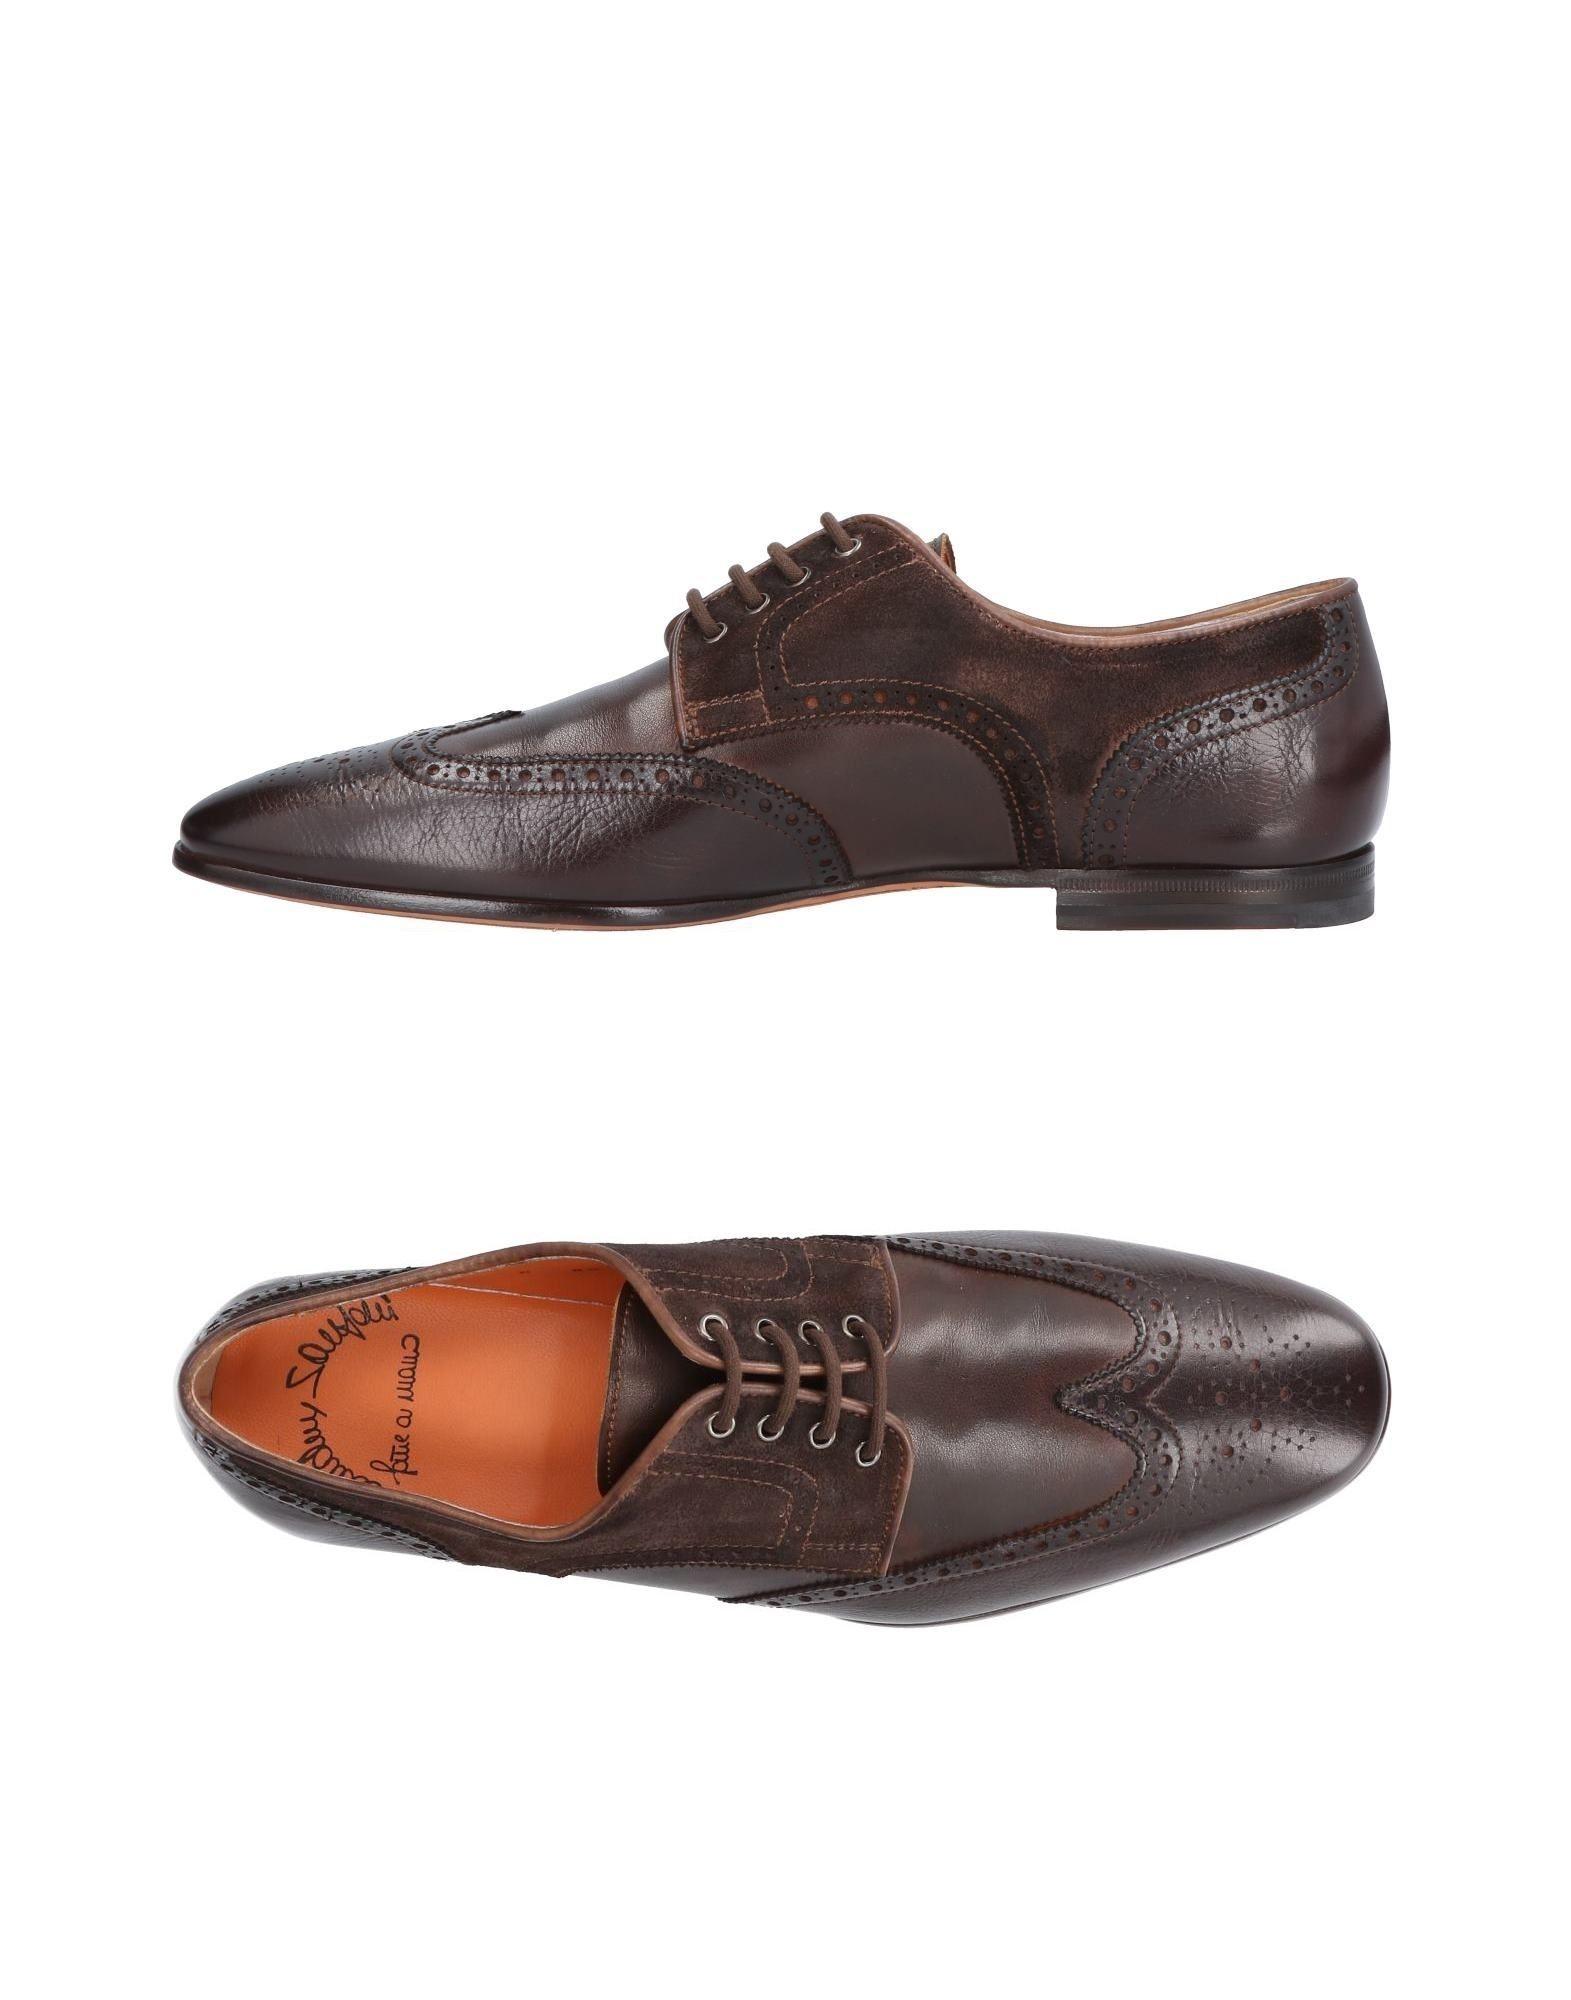 Santoni Schnürschuhe Herren  11487999XK Gute Qualität beliebte Schuhe